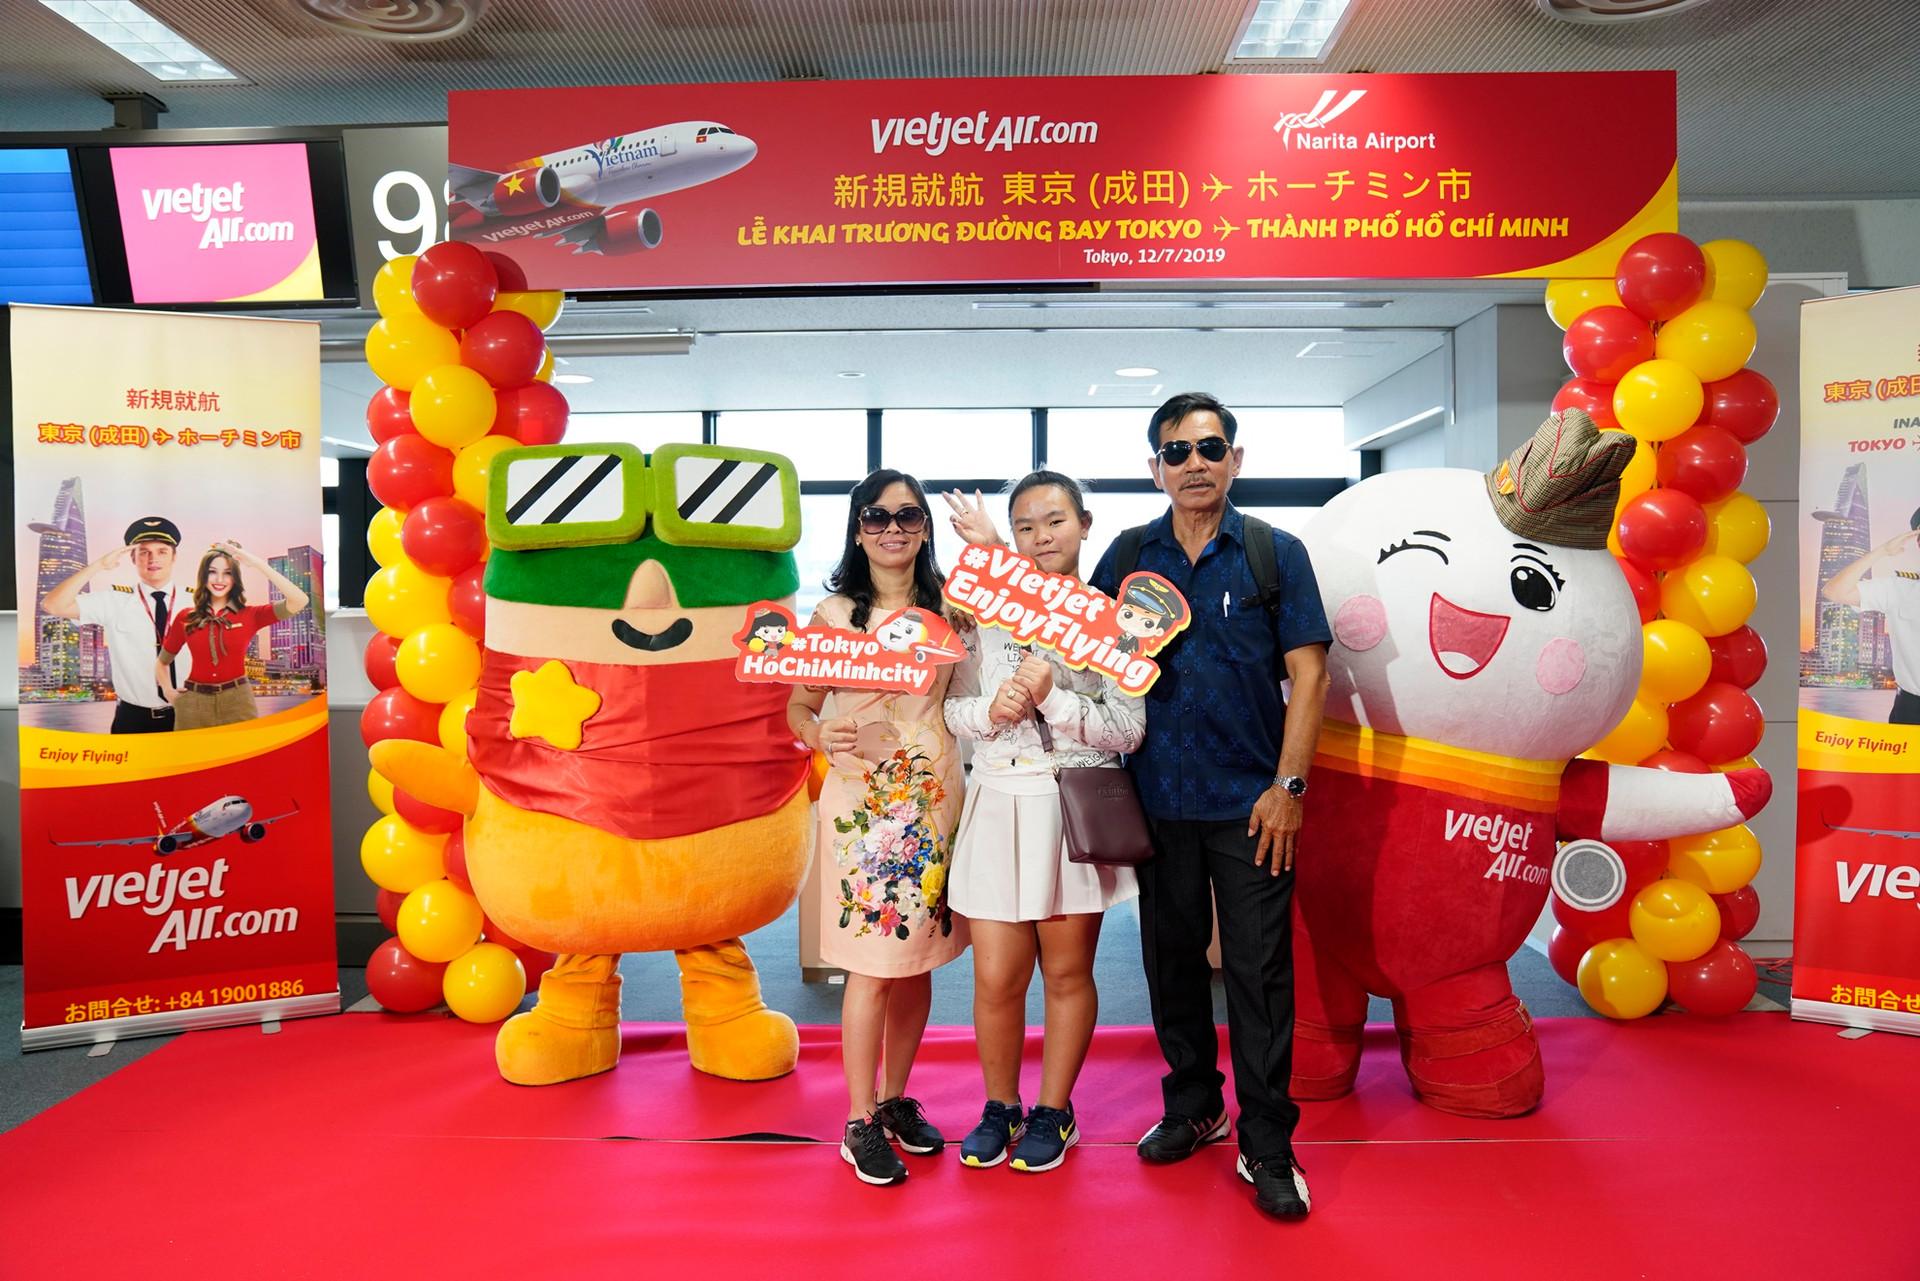 Liên tục mở đường bay đến Nhật Bản, Vietjet kết nối Tp.HCM với Tokyo